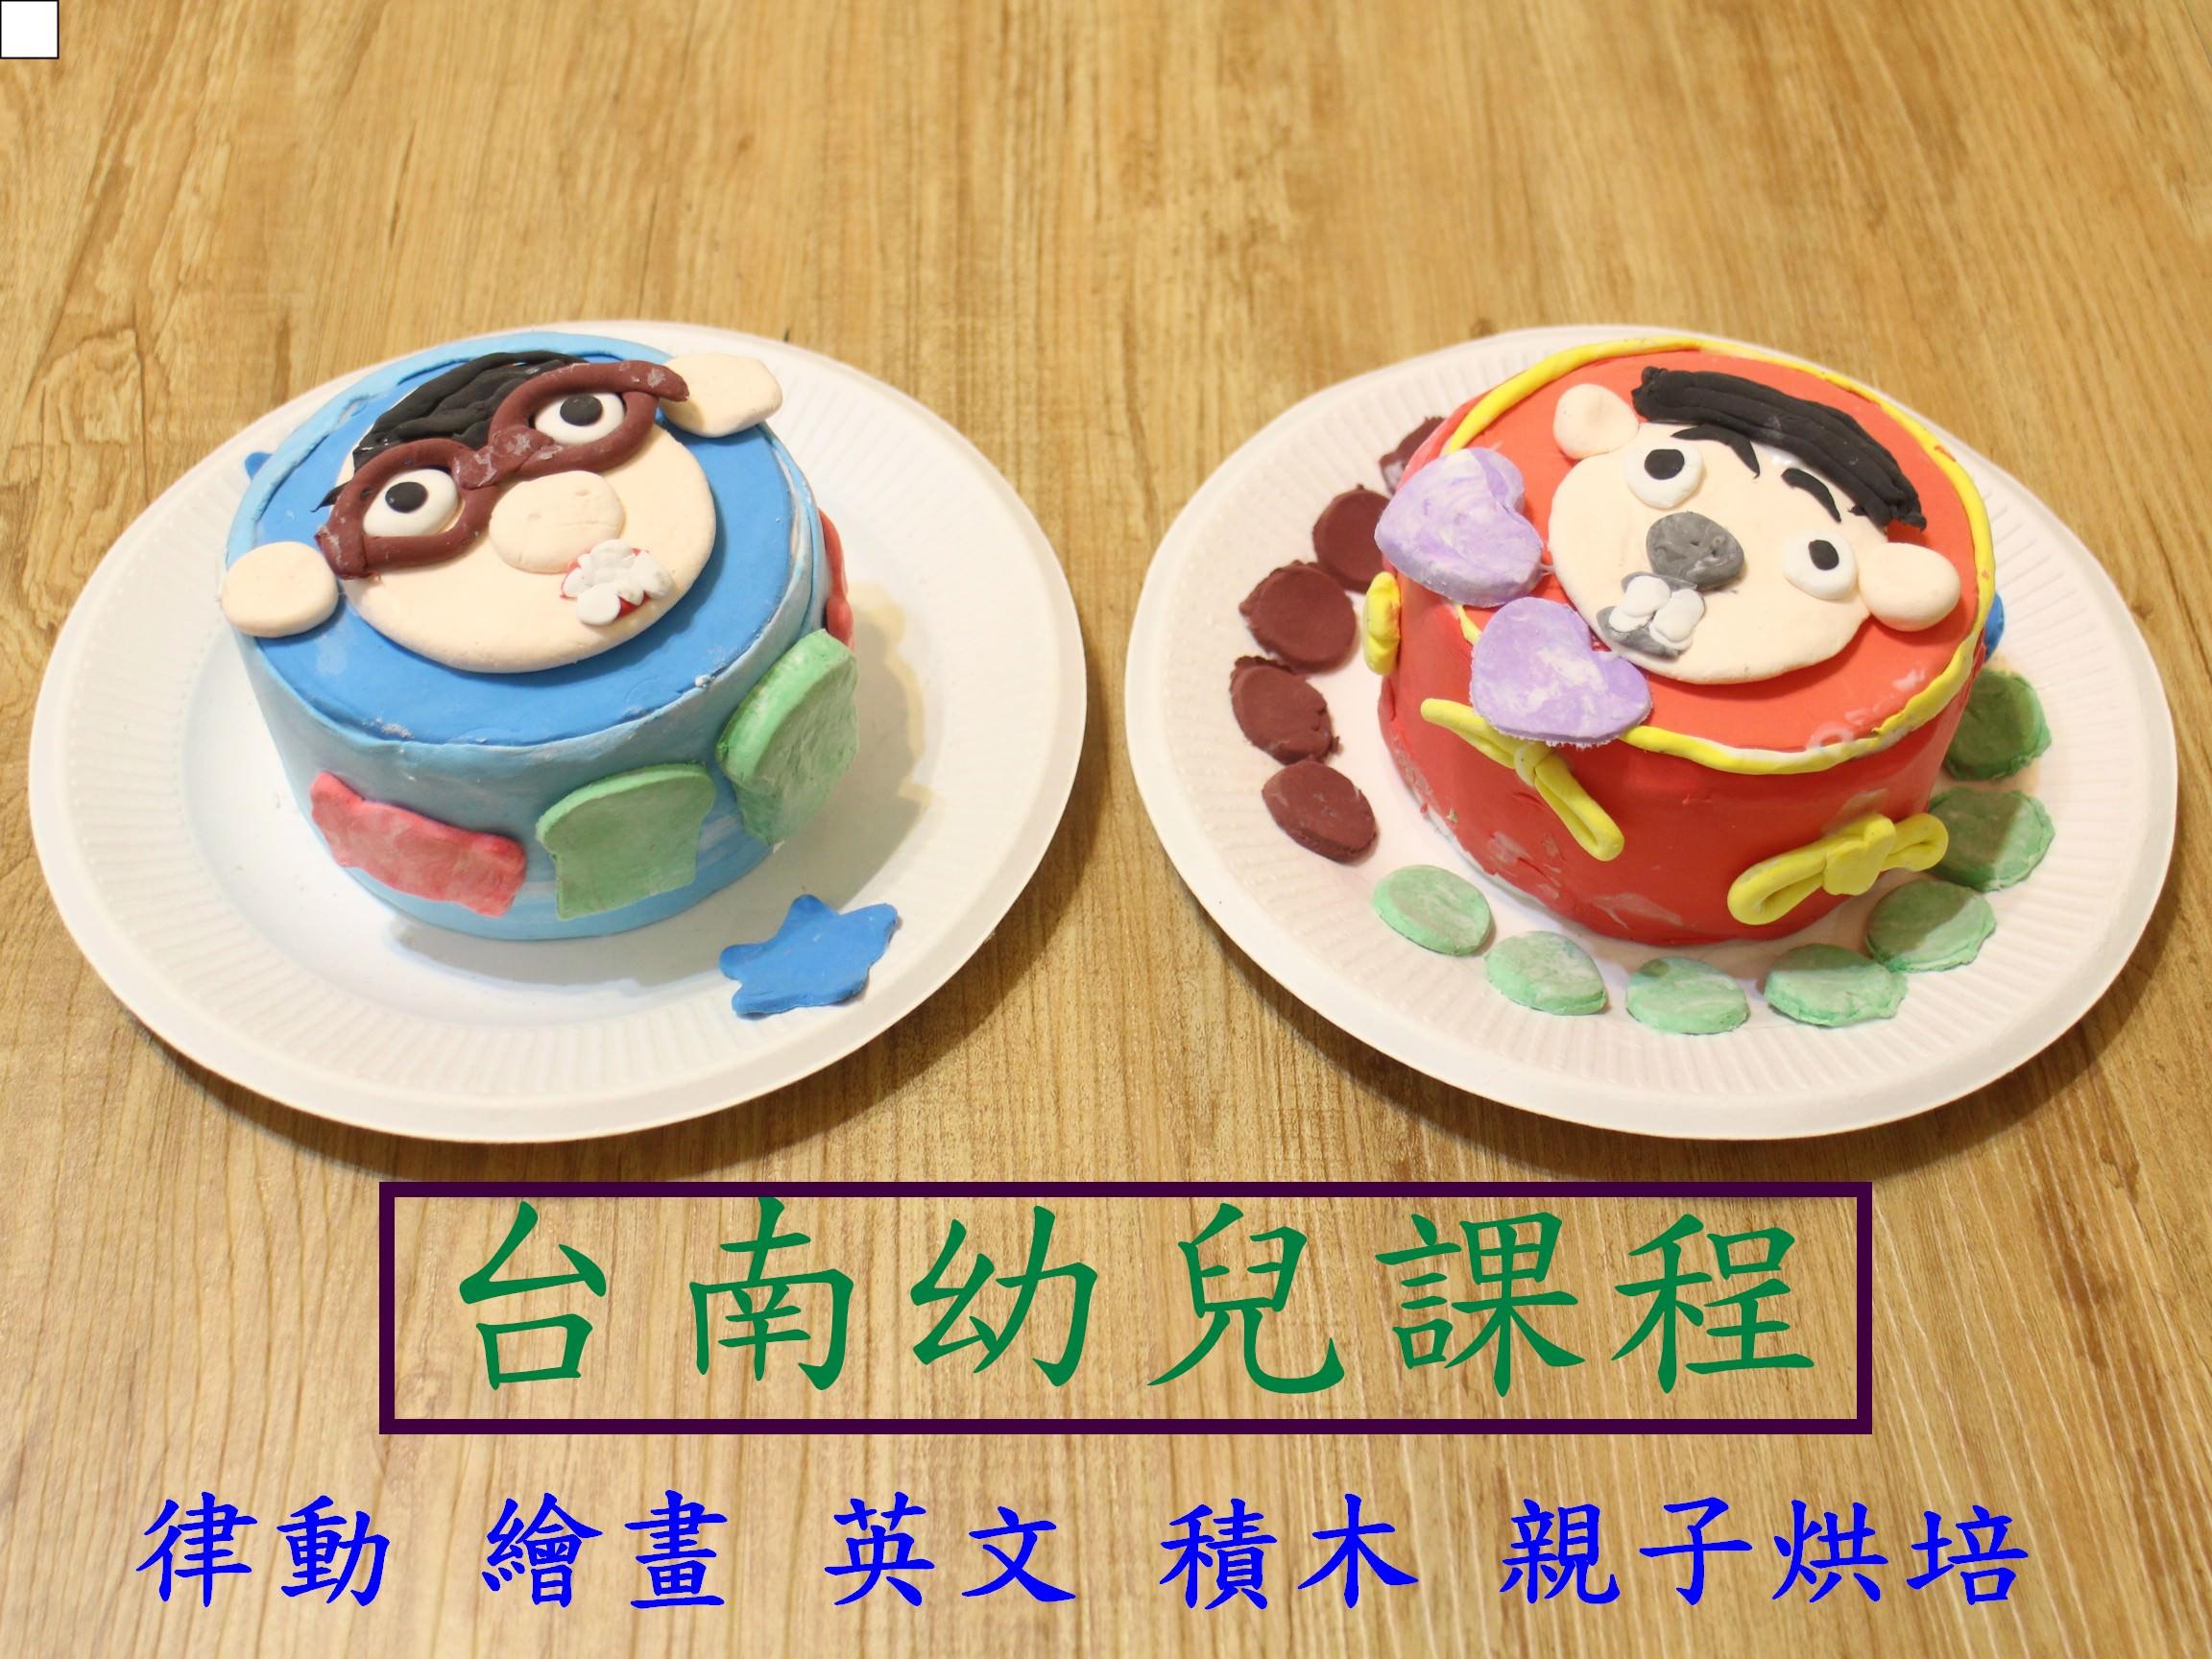 台南幼兒才藝︱律動、繪畫、英文、積木、親子烘培